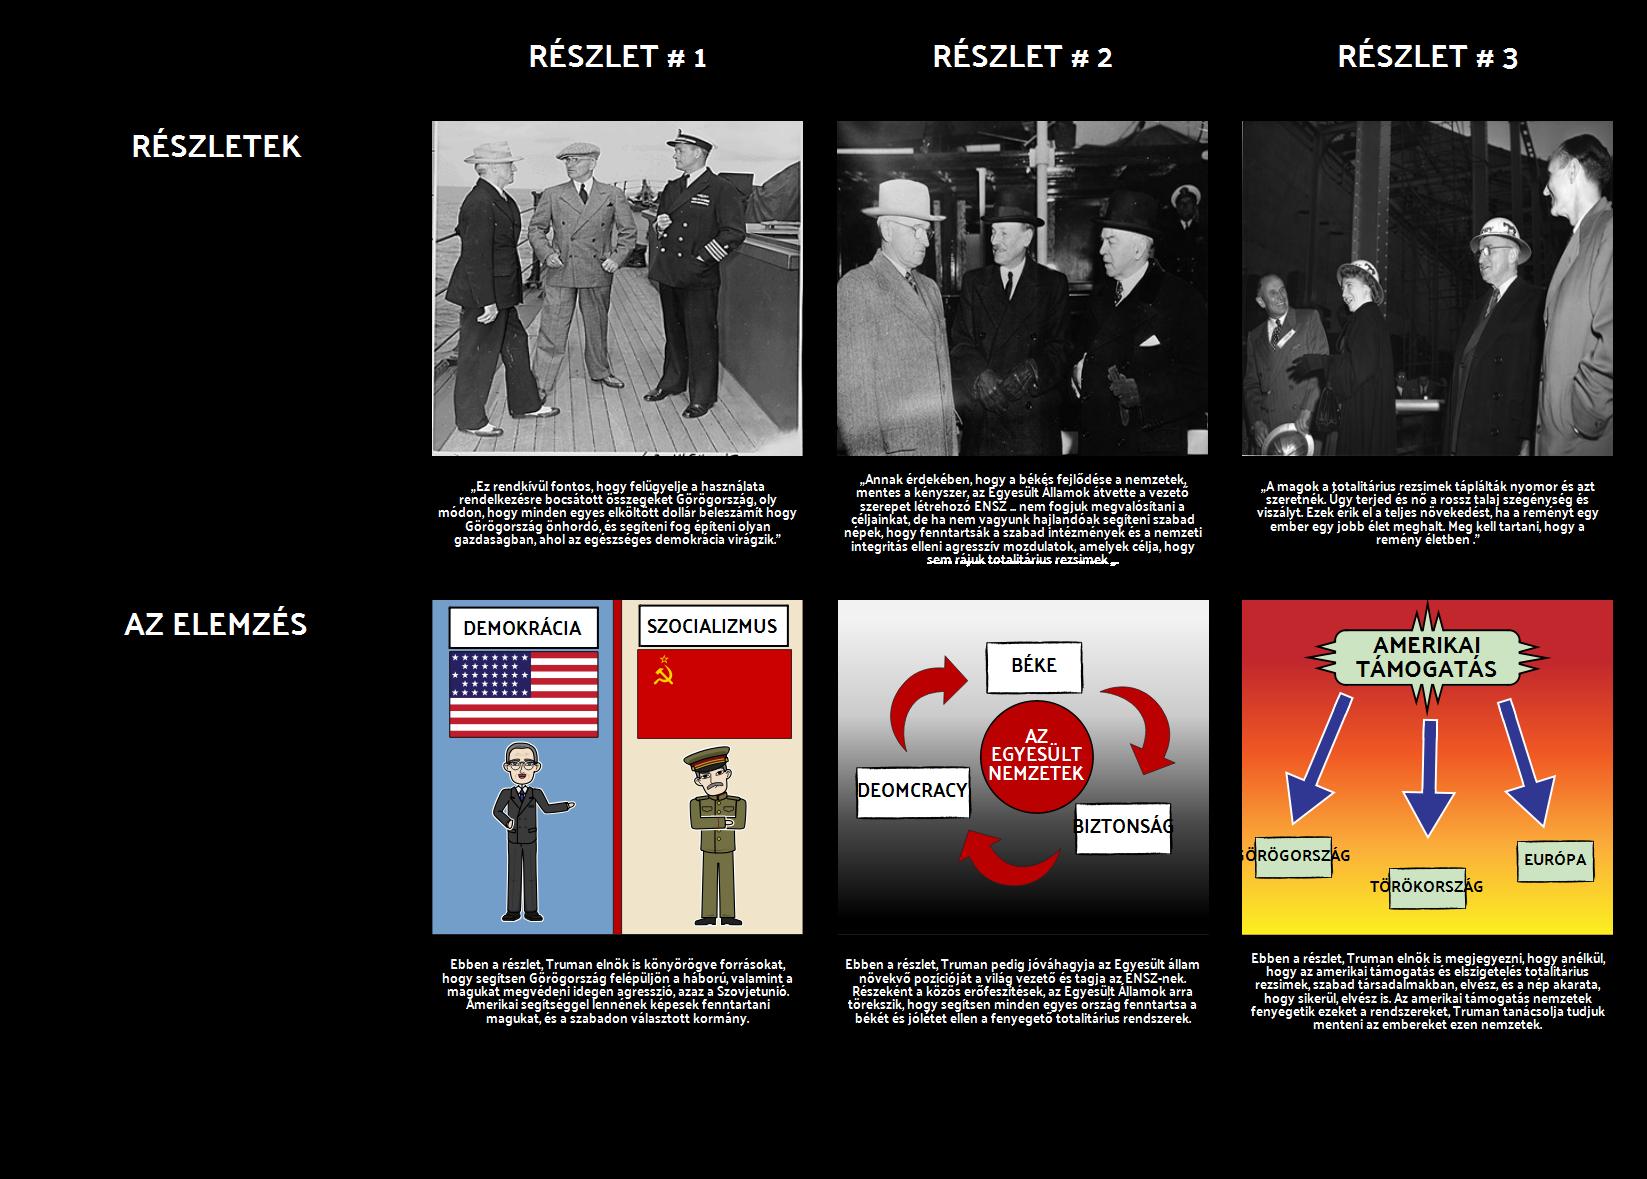 A Truman-elnökség - Truman-doktrína Dokumentum Elemzés